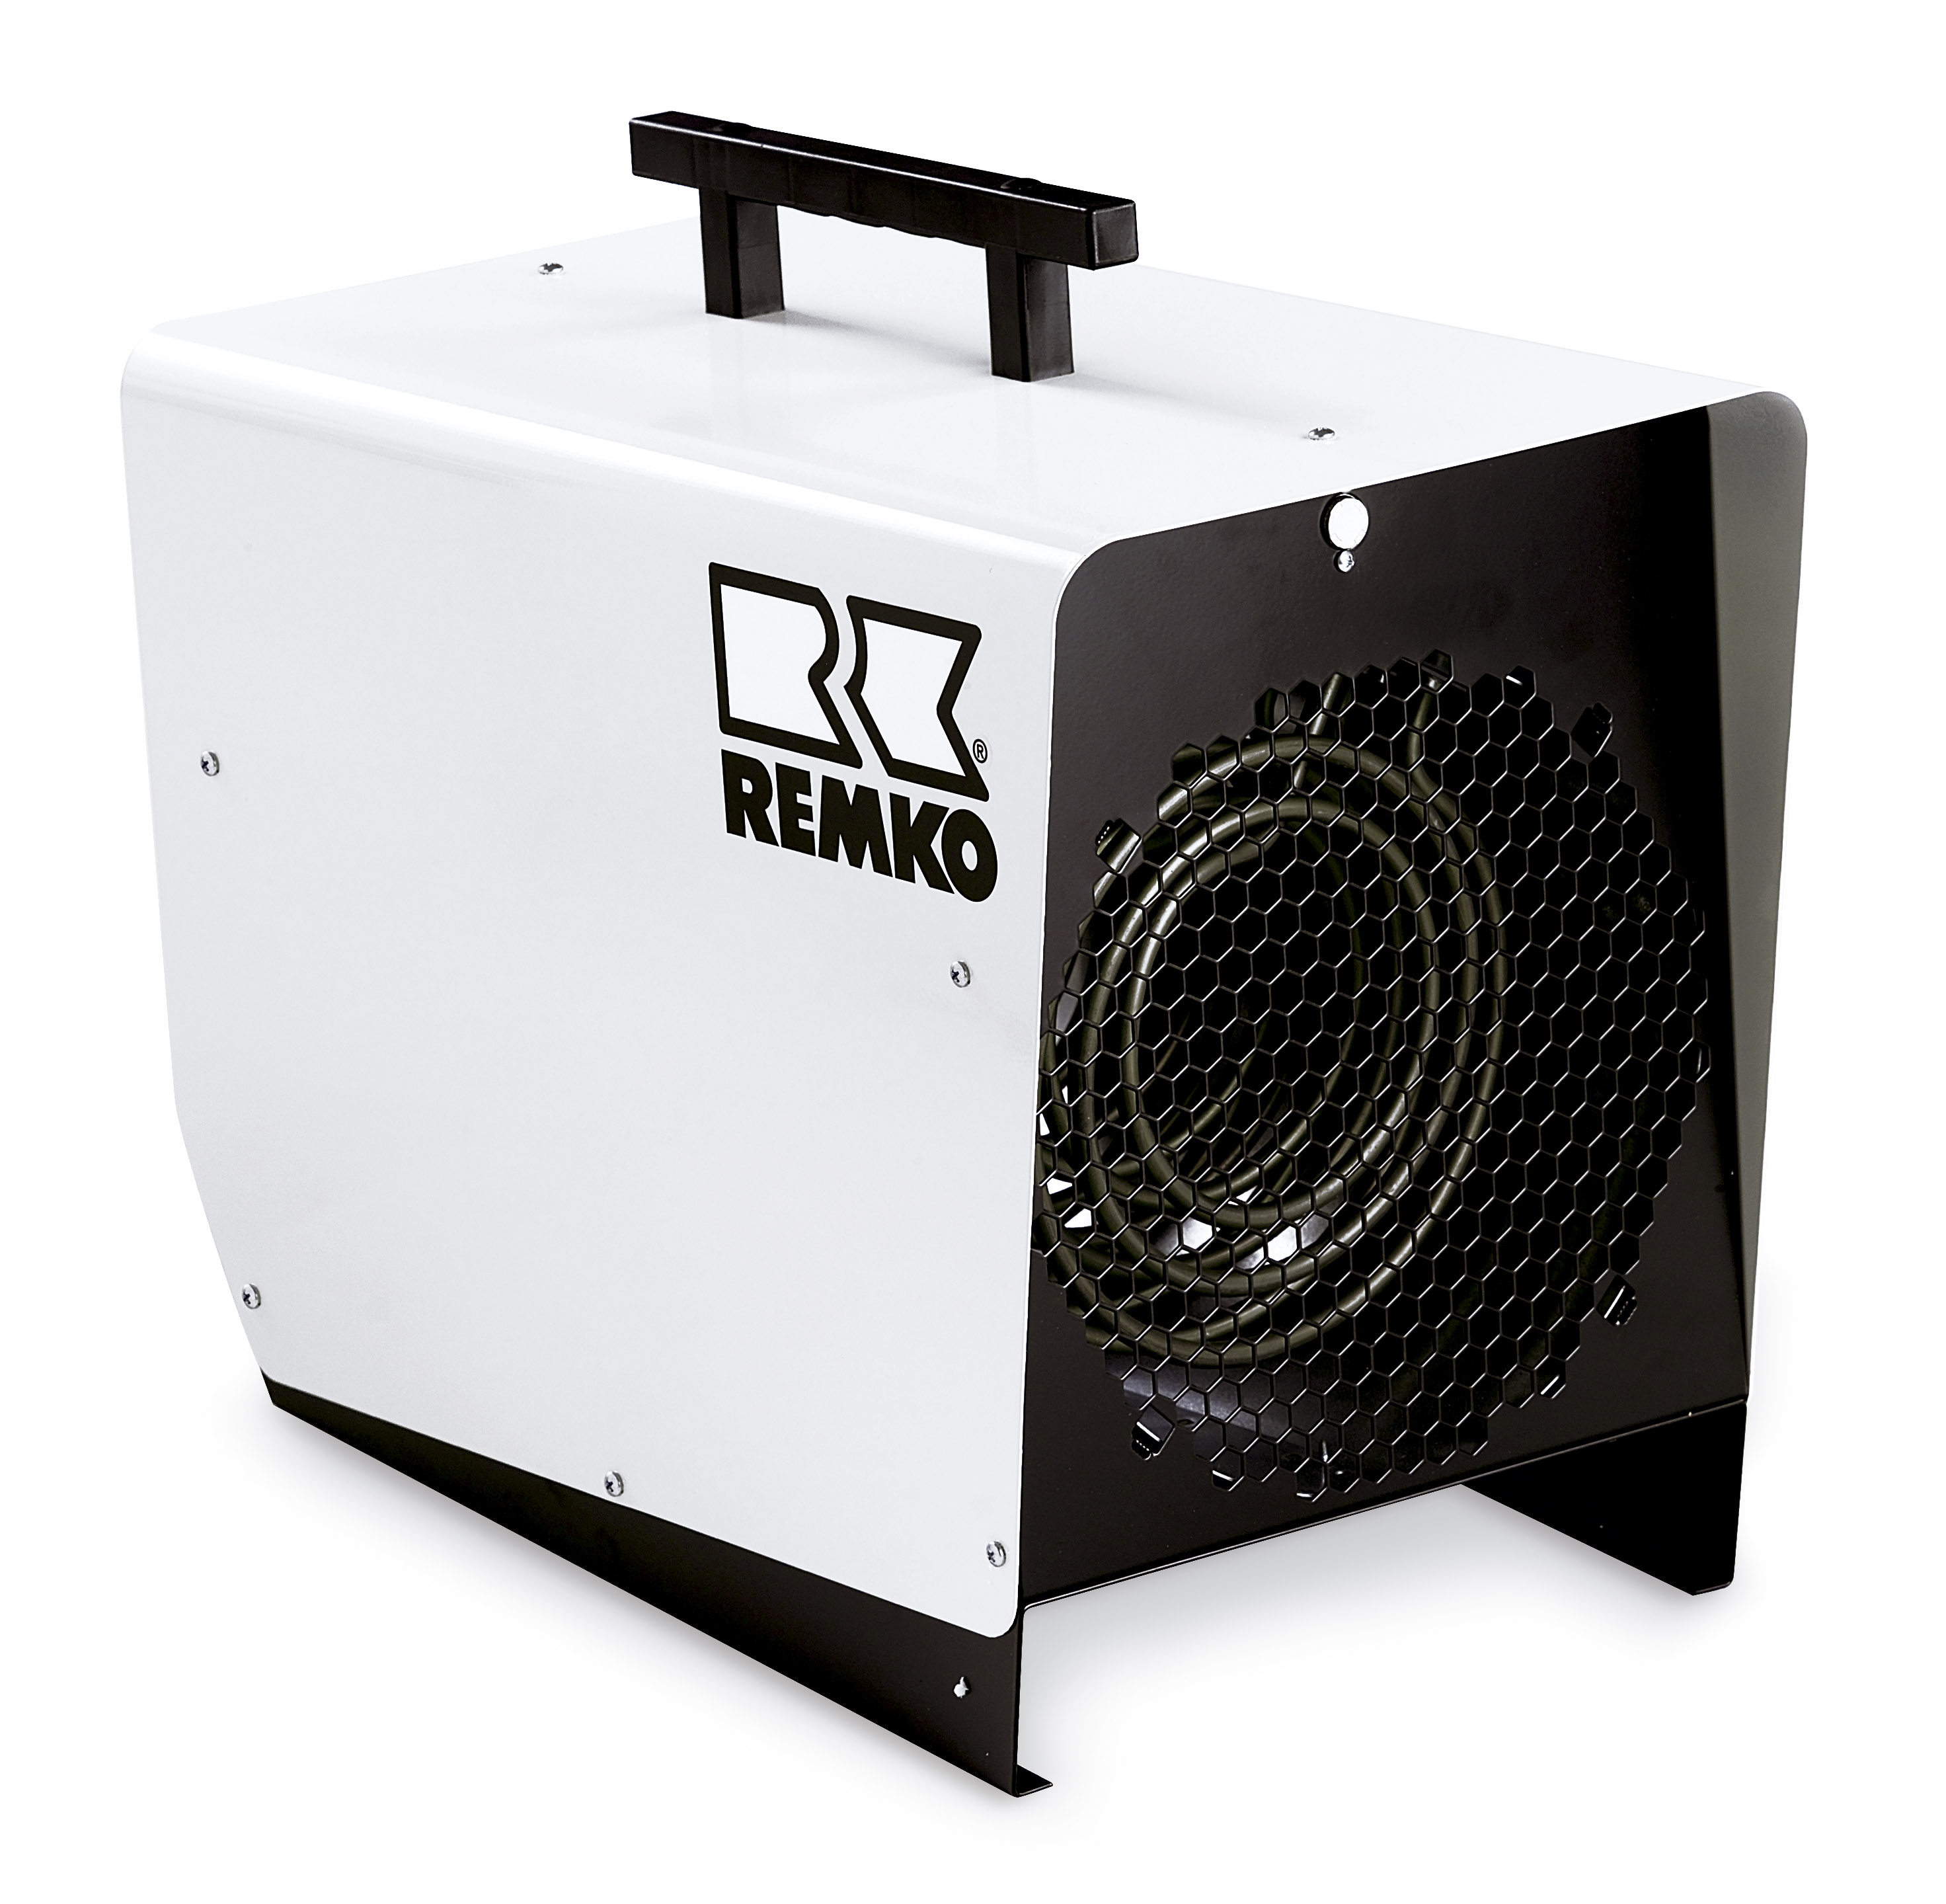 REMKO TX 9000 - Schnelle, saubere Wärme aus der Steckdose